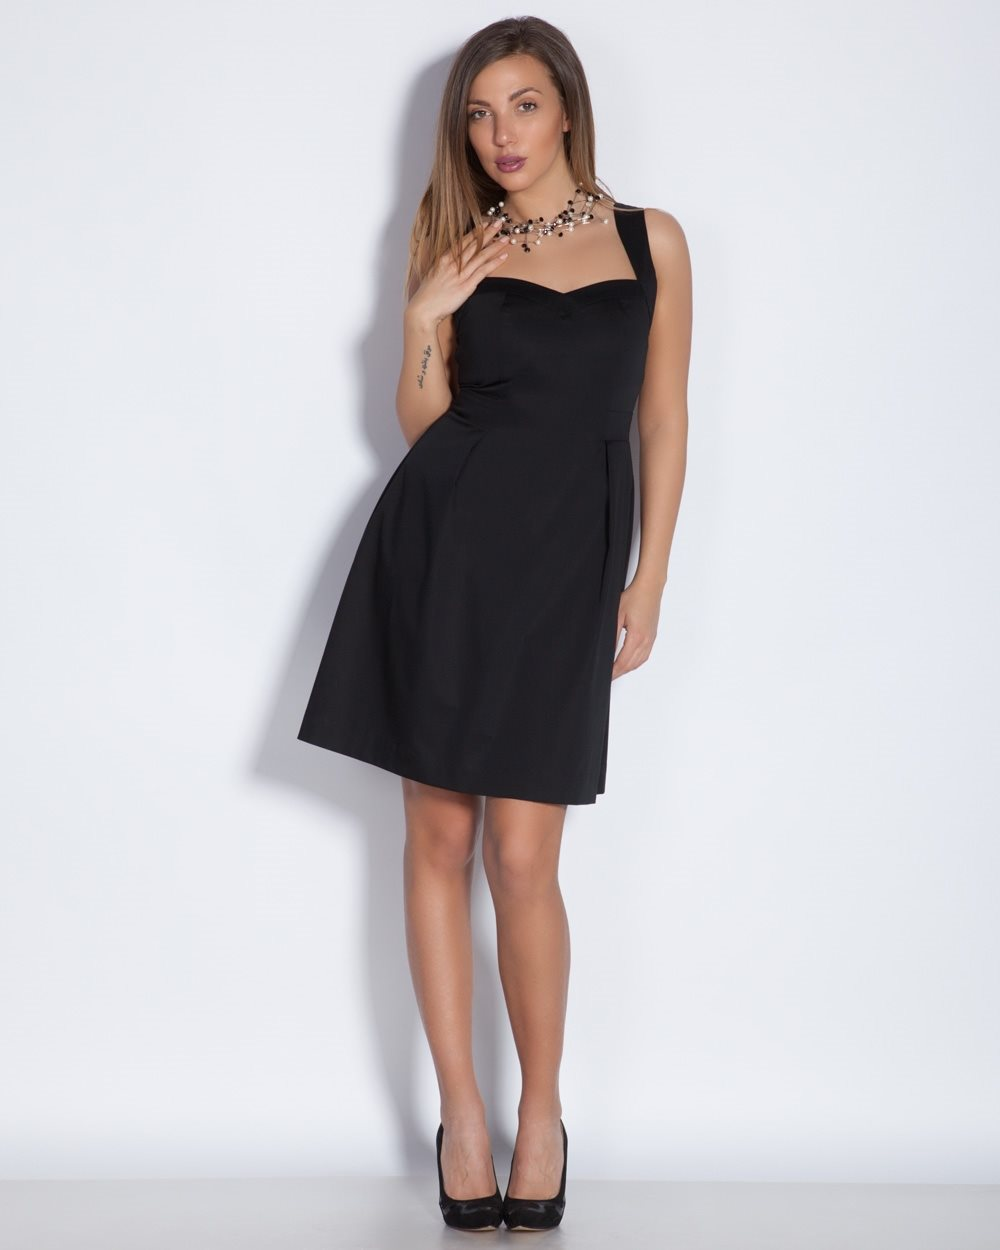 4c696aee1aa Елегантна черна рокля с дълбоко изрязано деколте за лято 2016. Летни рокли  2016 по последни ...